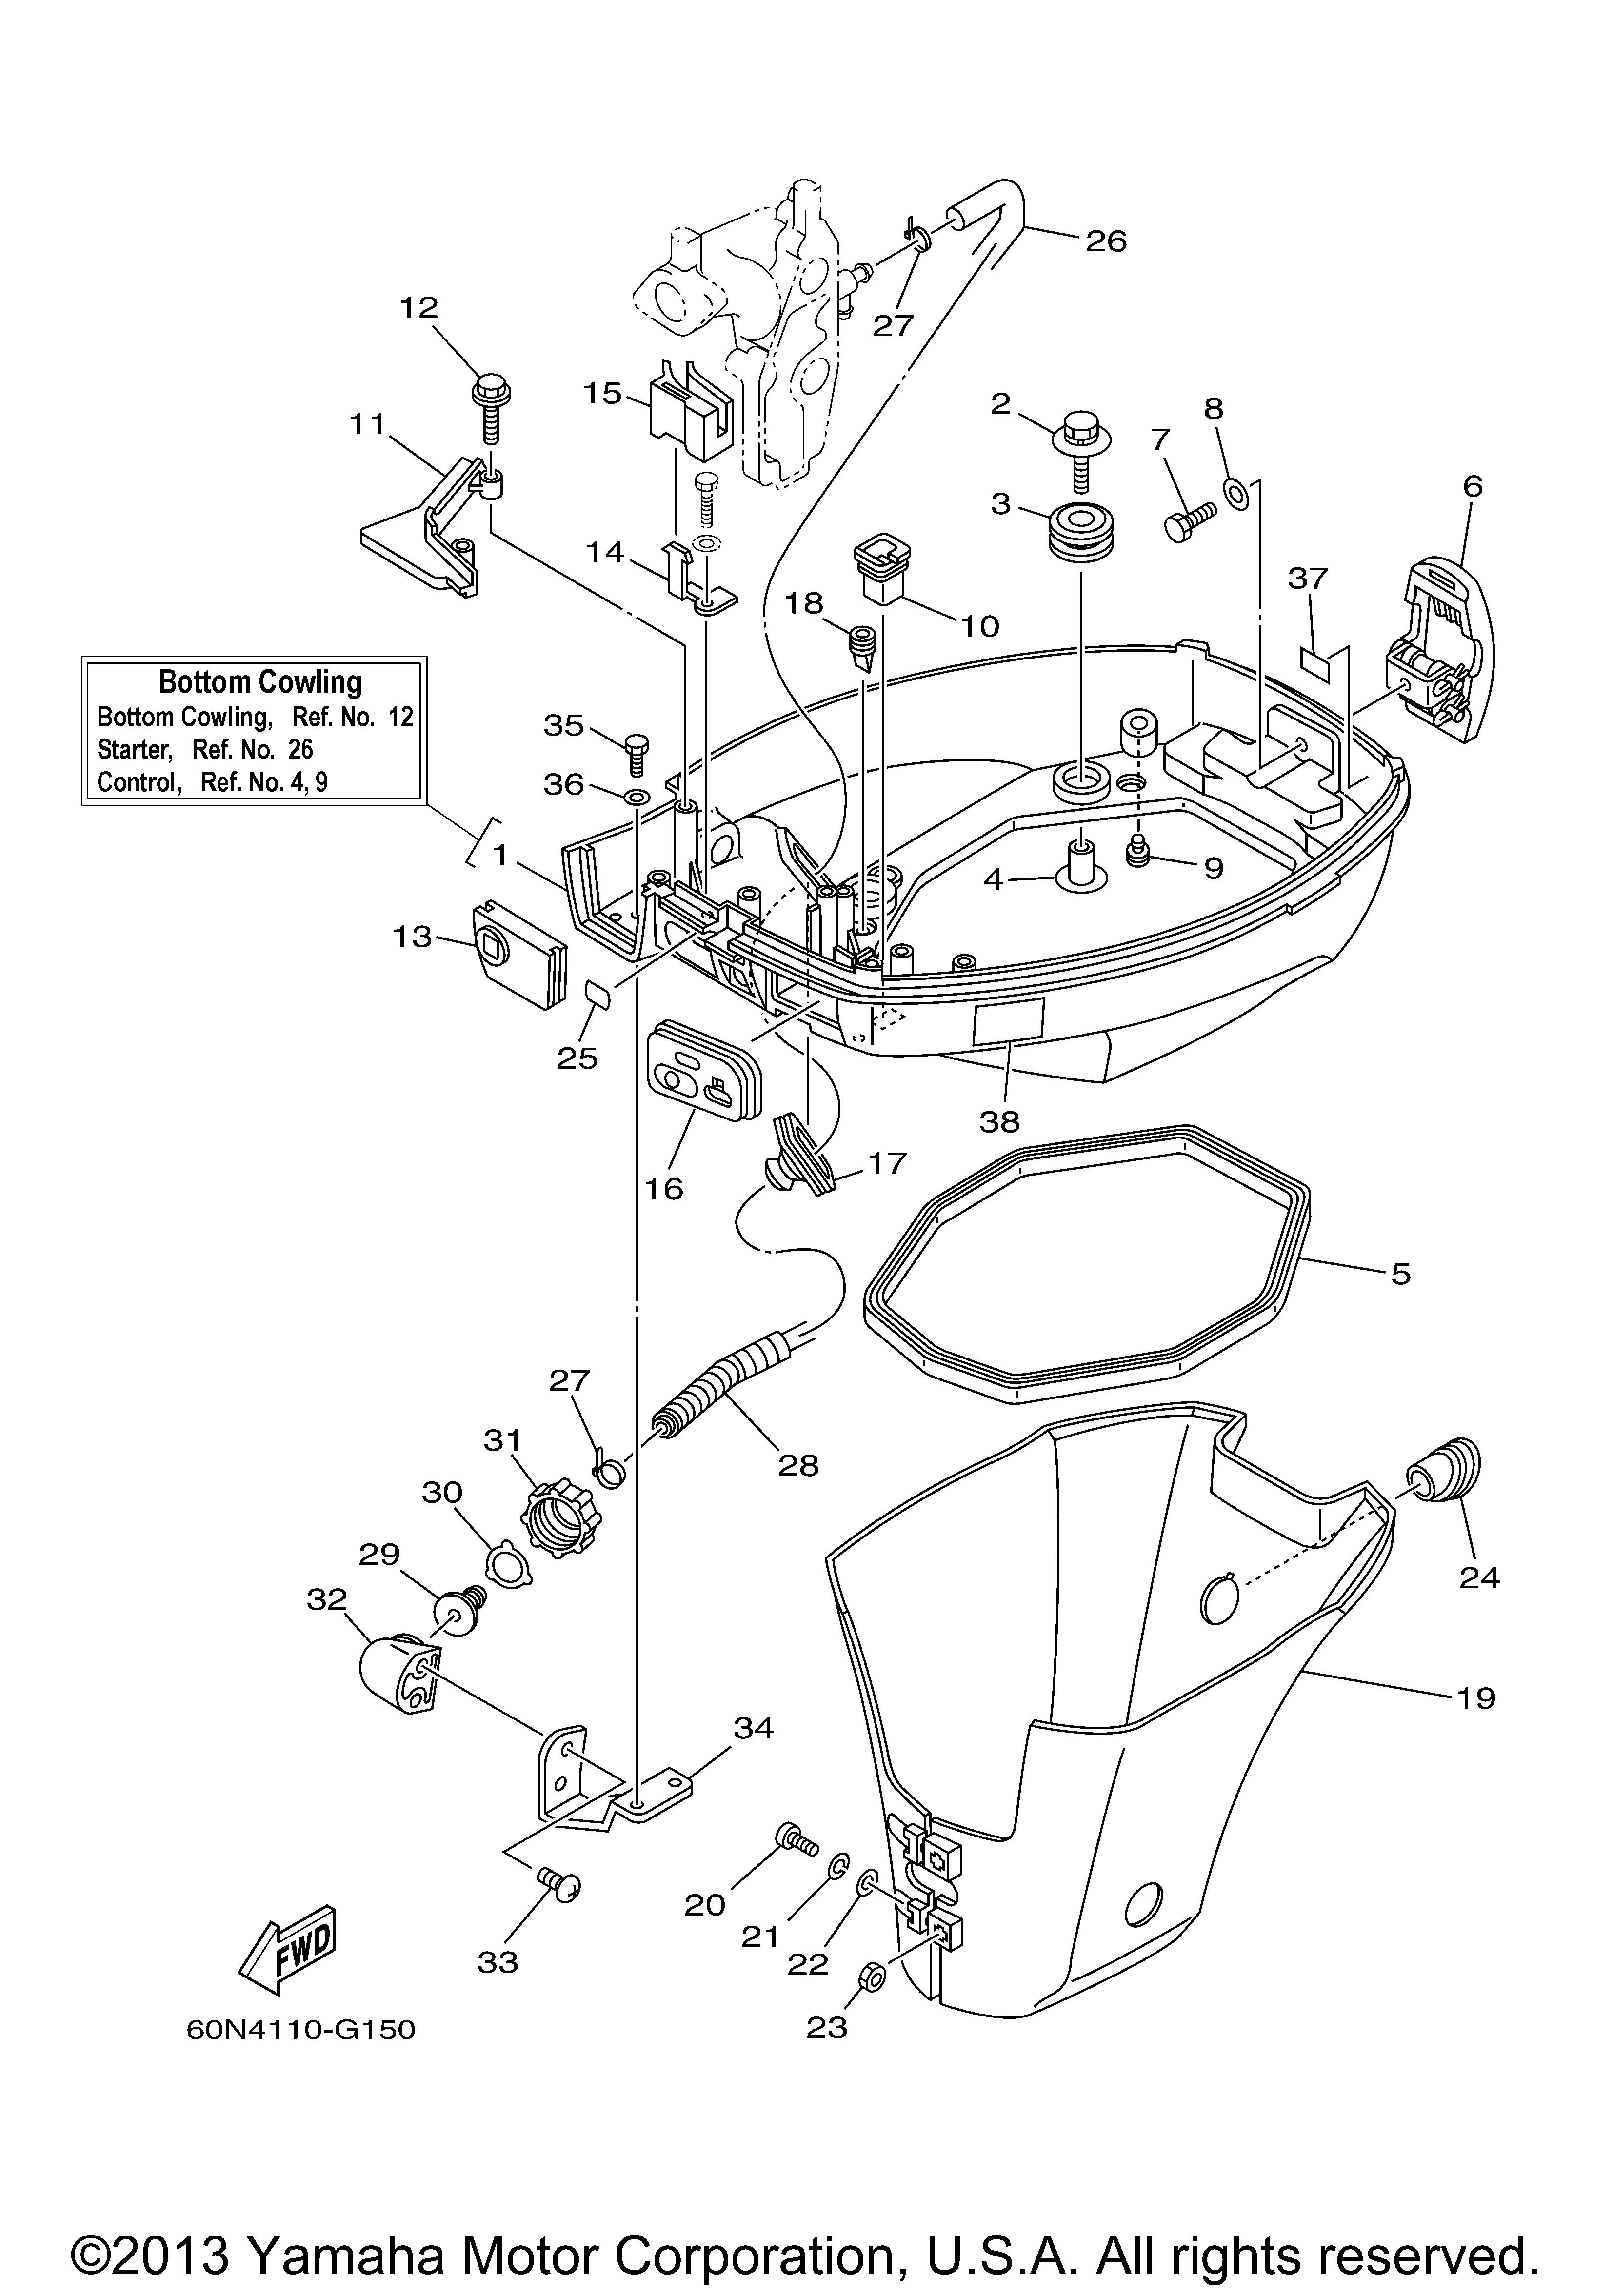 yamaha 6hp outboard motors diagram wiring diagrams instructions Yamaha Outboard Meter diagram of 1987 225hexcel yamaha outboard control engine diagram and yamaha 25 hp outboard motor 6hp